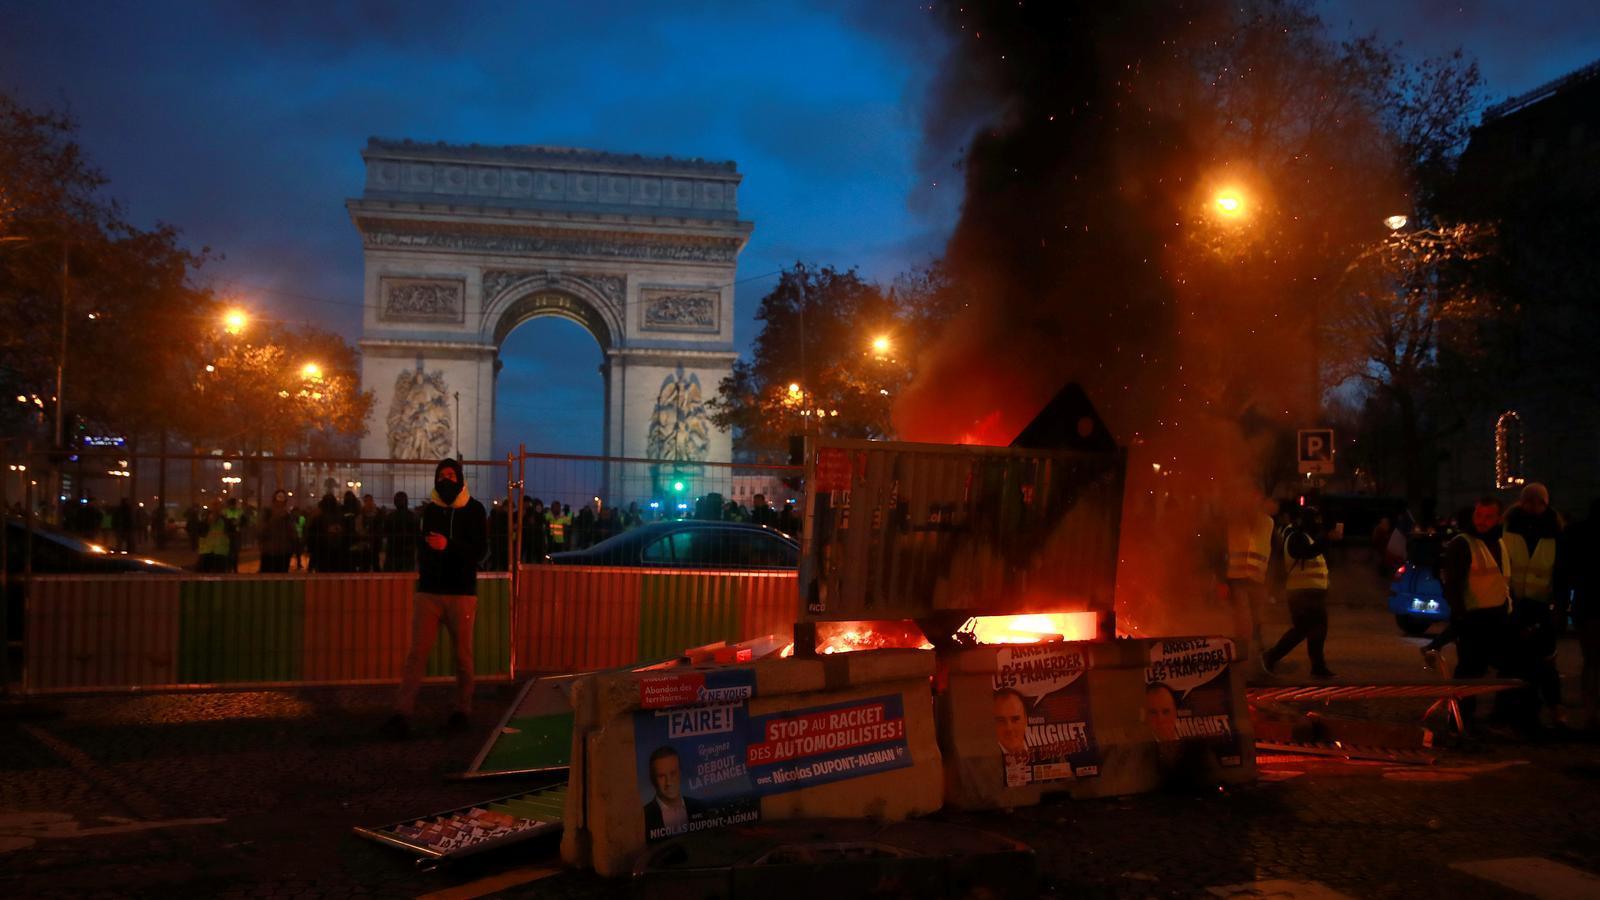 Un encaputxat observa al seu voltant darrere d'una barricada plantada al costat de l'Arc del Triomf, a París